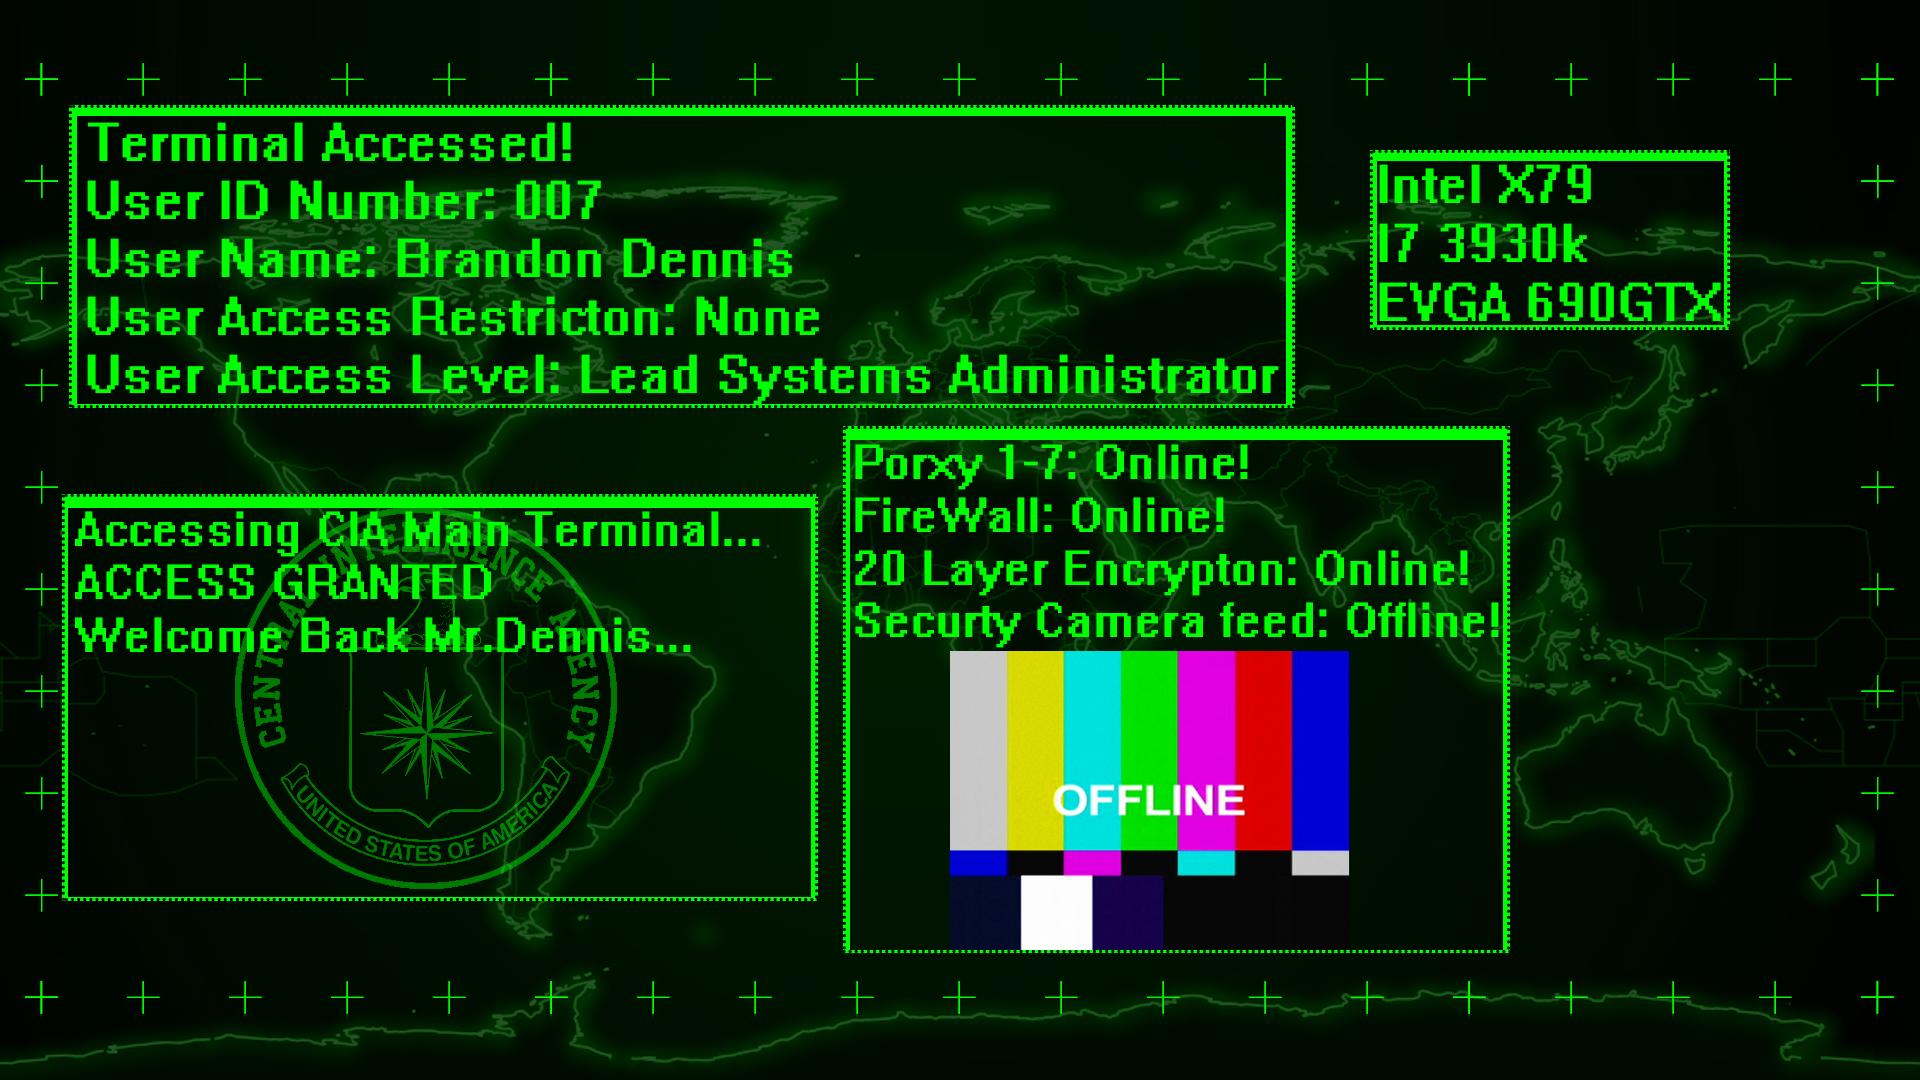 Hacker computer sadic dark anarchy 1 wallpaper background 1920x1080